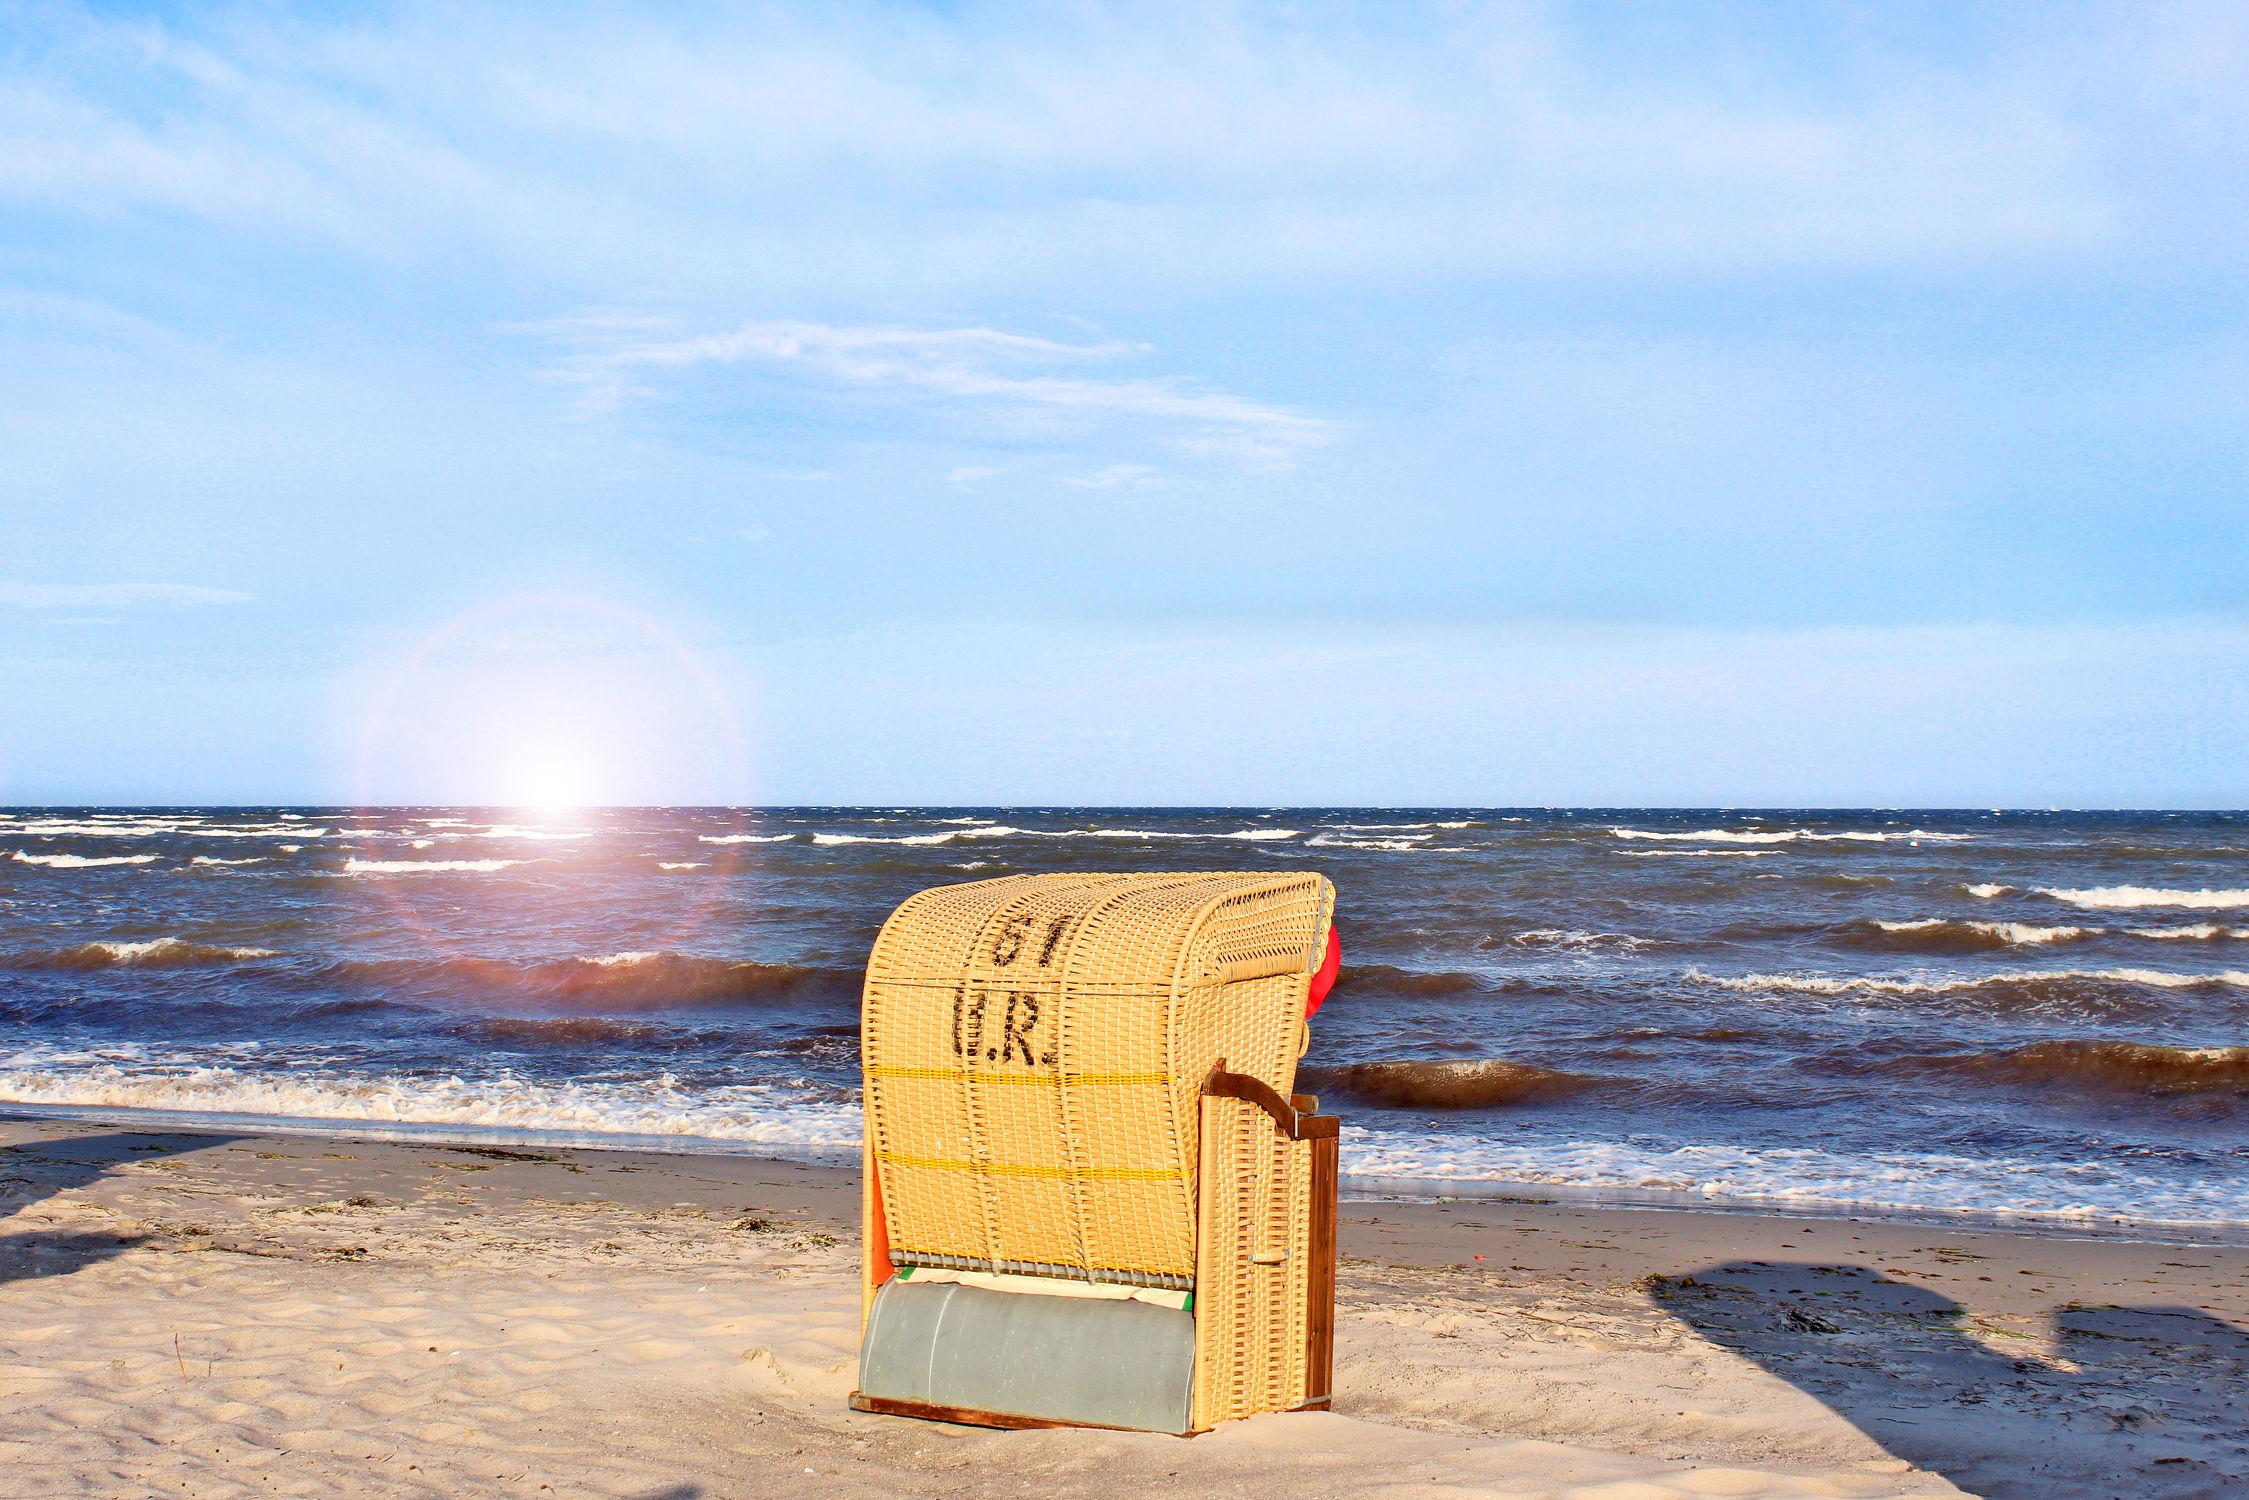 Bild mit Natur, Himmel, Wolken, Strände, Horizont, Wellen, Sand, Sonnenuntergang, Urlaub, Blau, Sonnenaufgang, Strand, Strandblick, Meerblick, Strandkörbe, Panorama, Ostsee, Lübecker Bucht, Grömitz, Meer, Wolkenhimmel, Strandkorb, Landschaft, Düne, Sunset, Wolkengebilde, Sky, Seeblick, Dünengras, Urlaubsbild, Urlaubsfoto, Holliday, Nordsee, Strandkorb am Meer, Blauer Himmel mit Gegenlicht, Schleswig, Holstein, Ostholstein